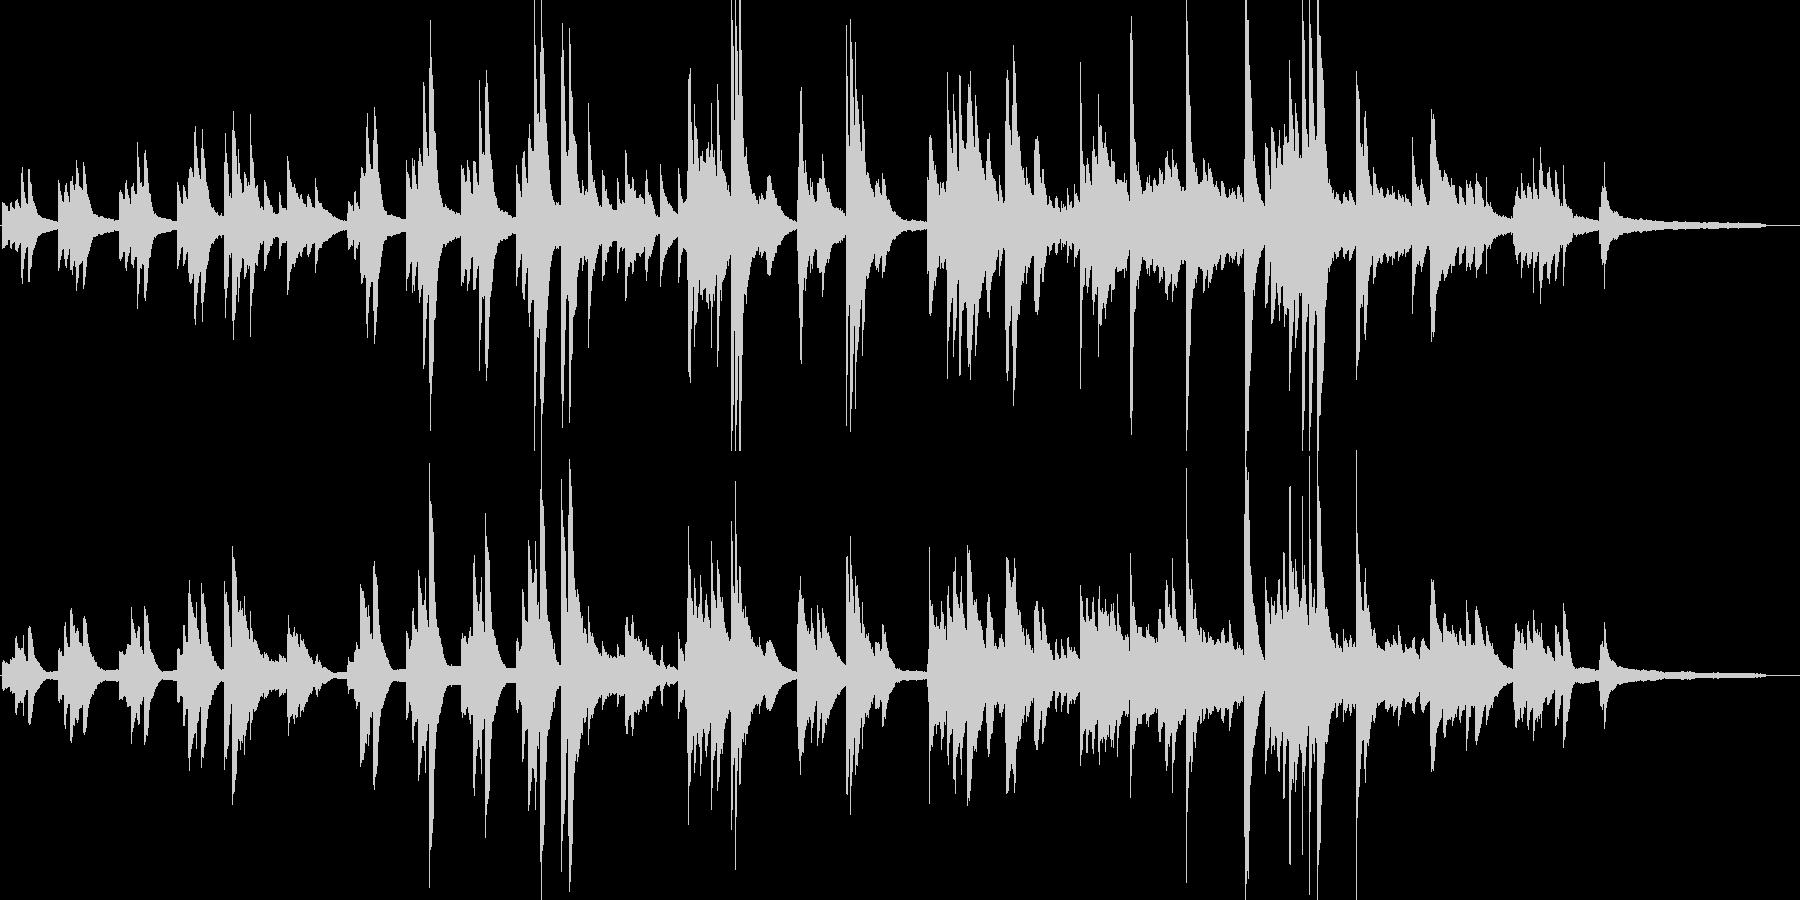 暗く怪しくサスペンス感のあるピアノ曲の未再生の波形